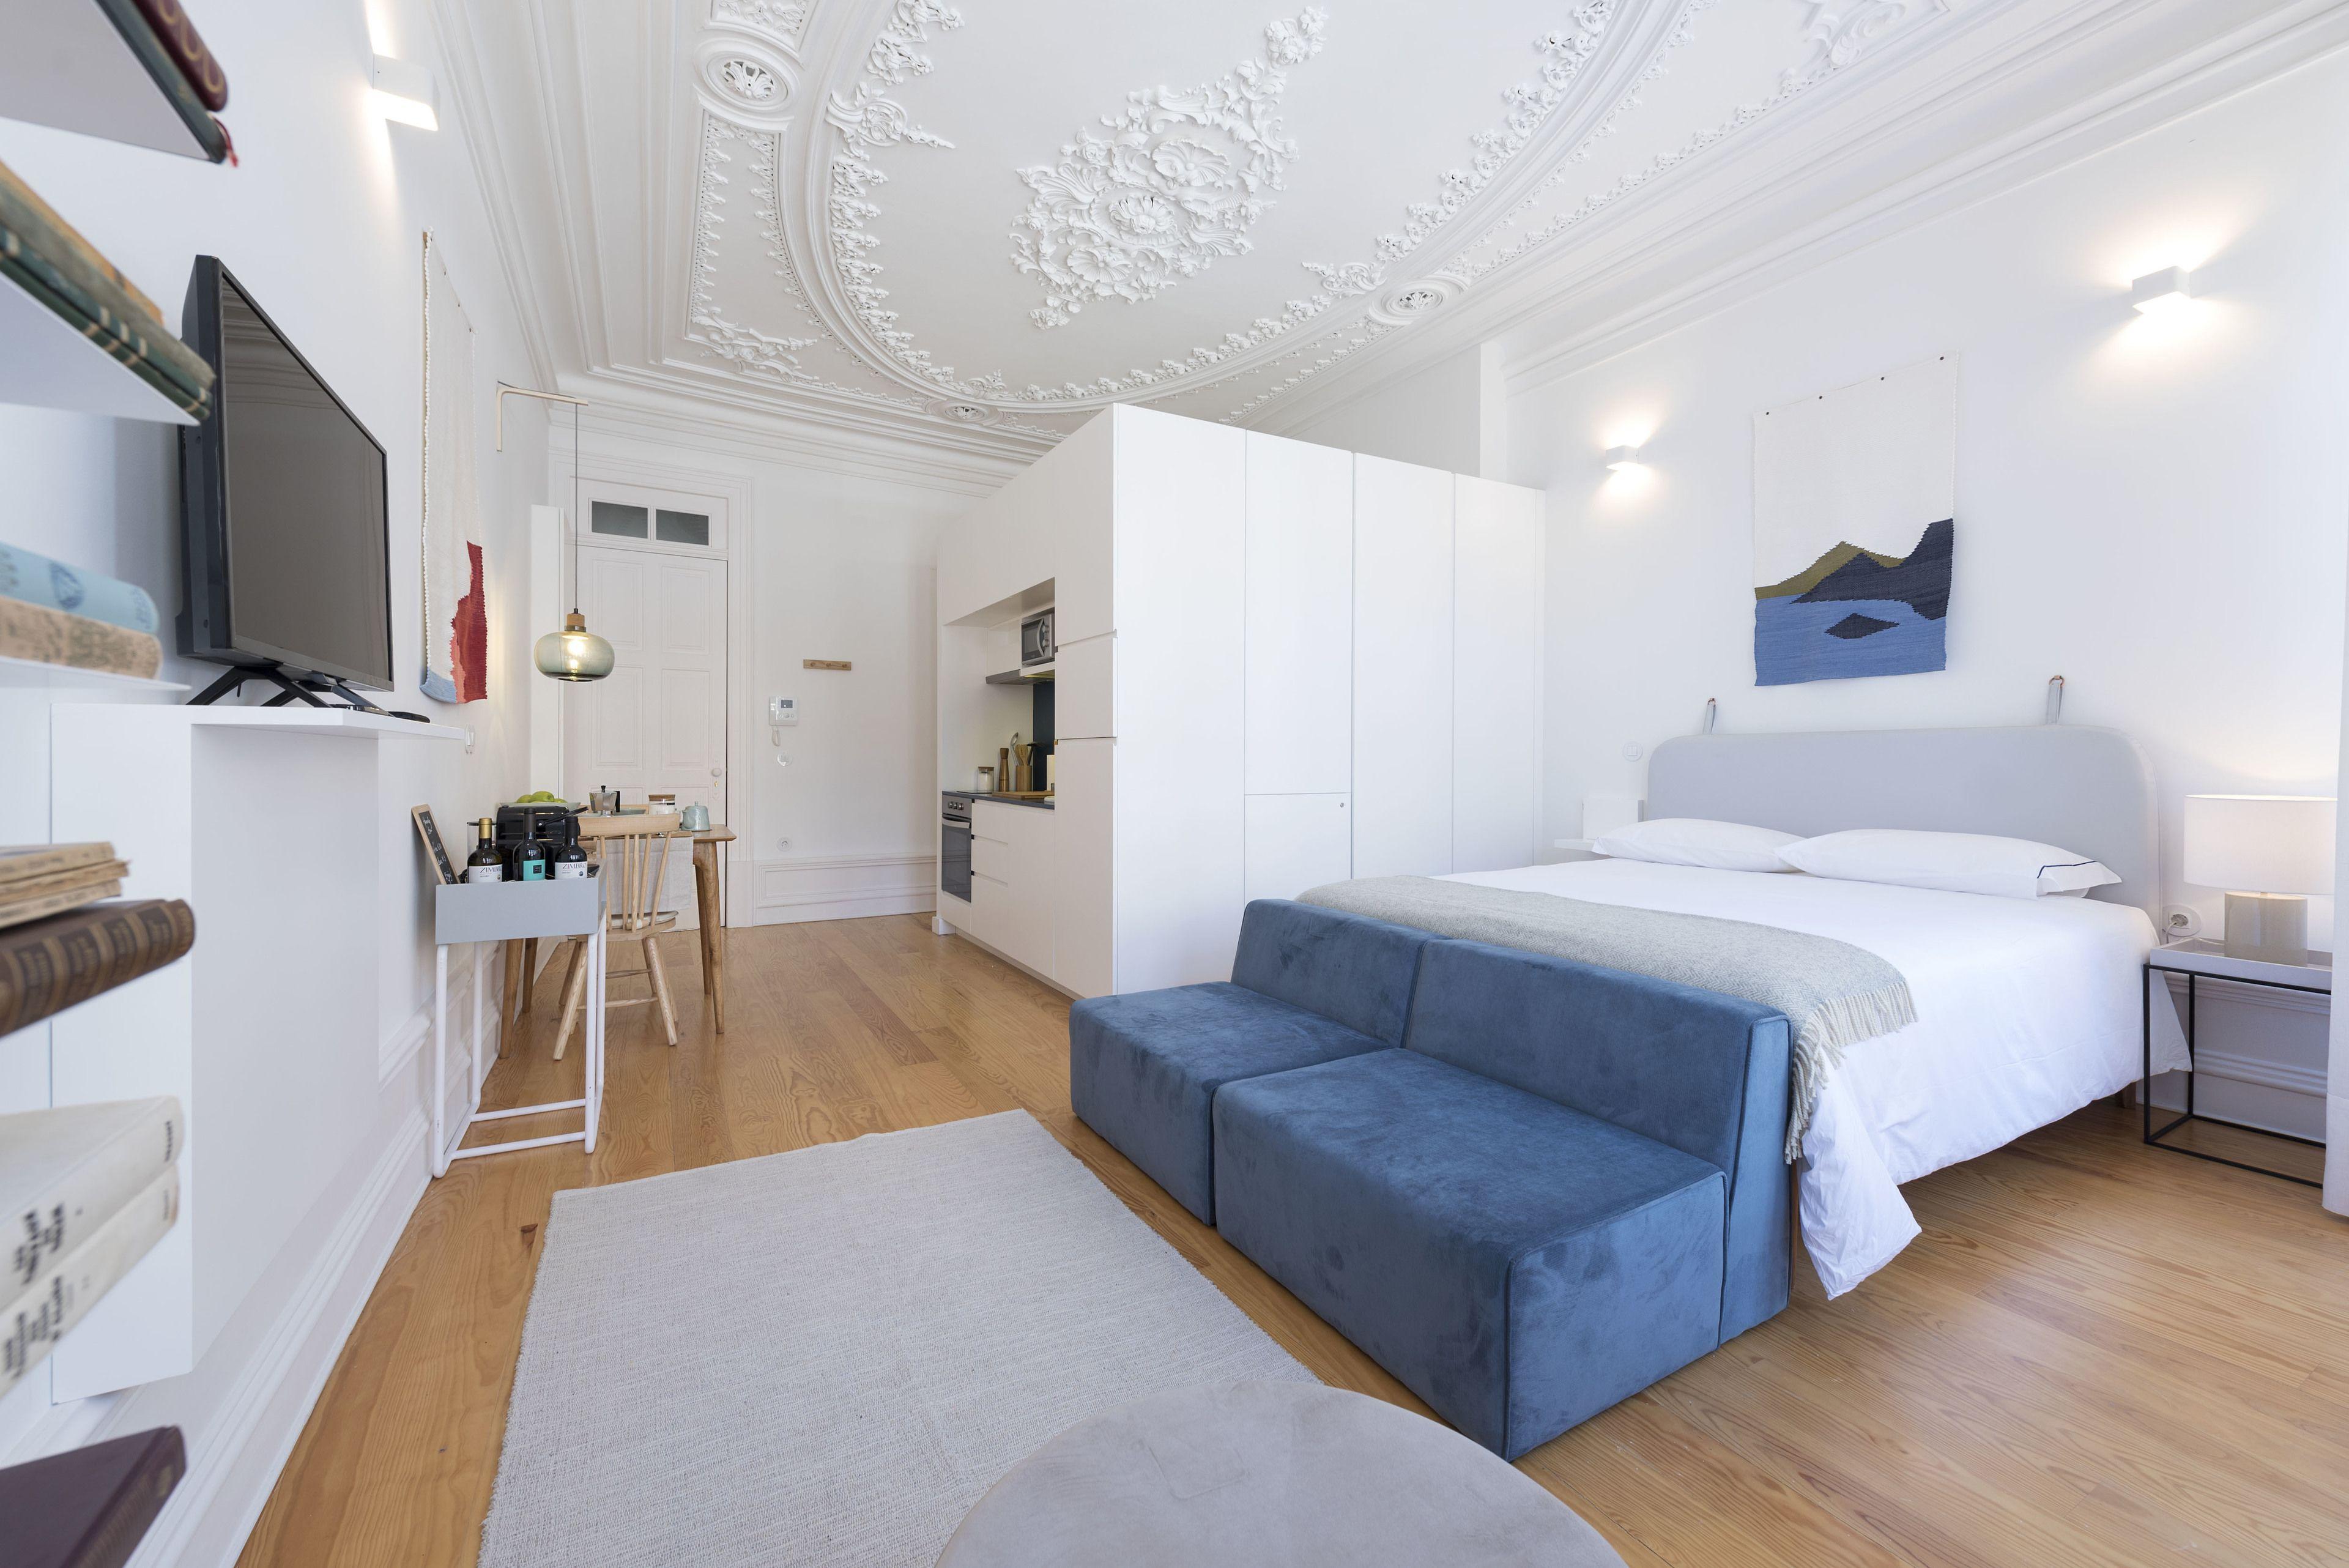 Tripas-corcao,  Sao Bento Apartments